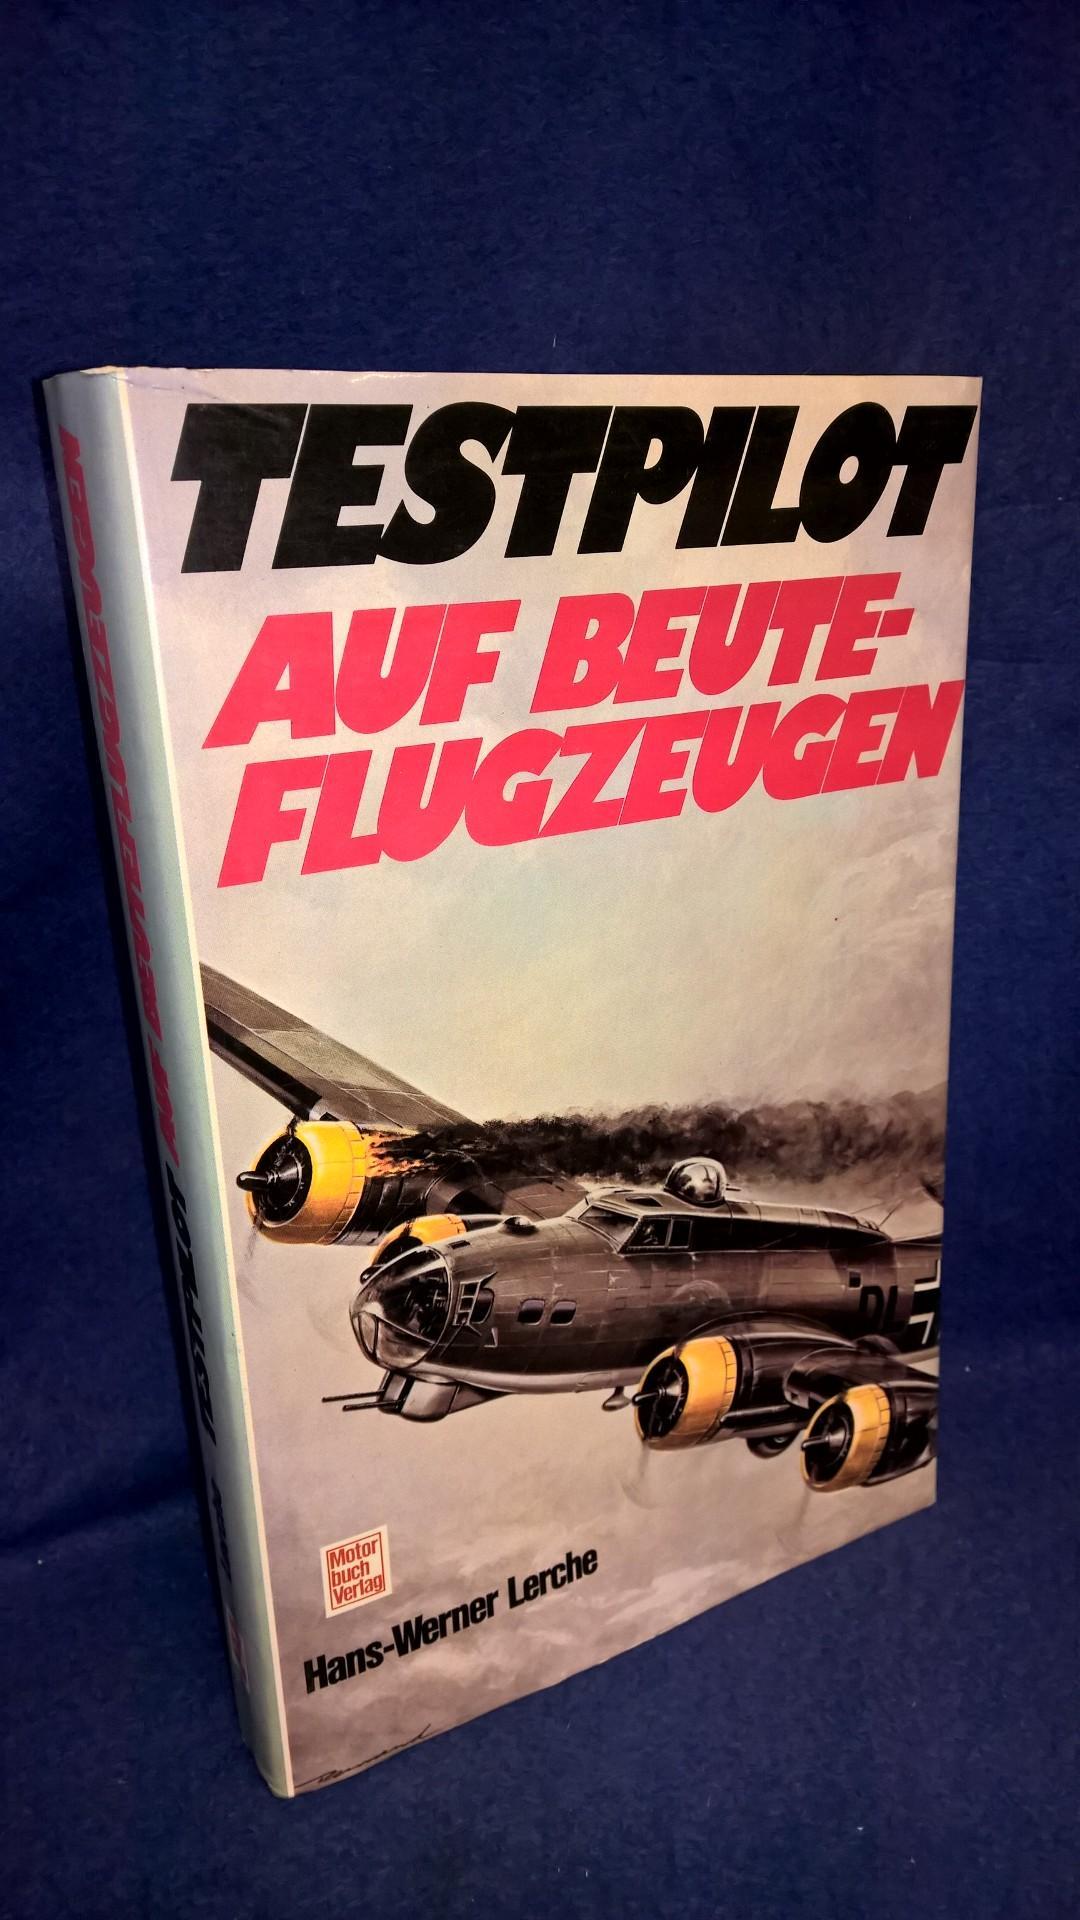 Testpilot auf Beuteflugzeugen